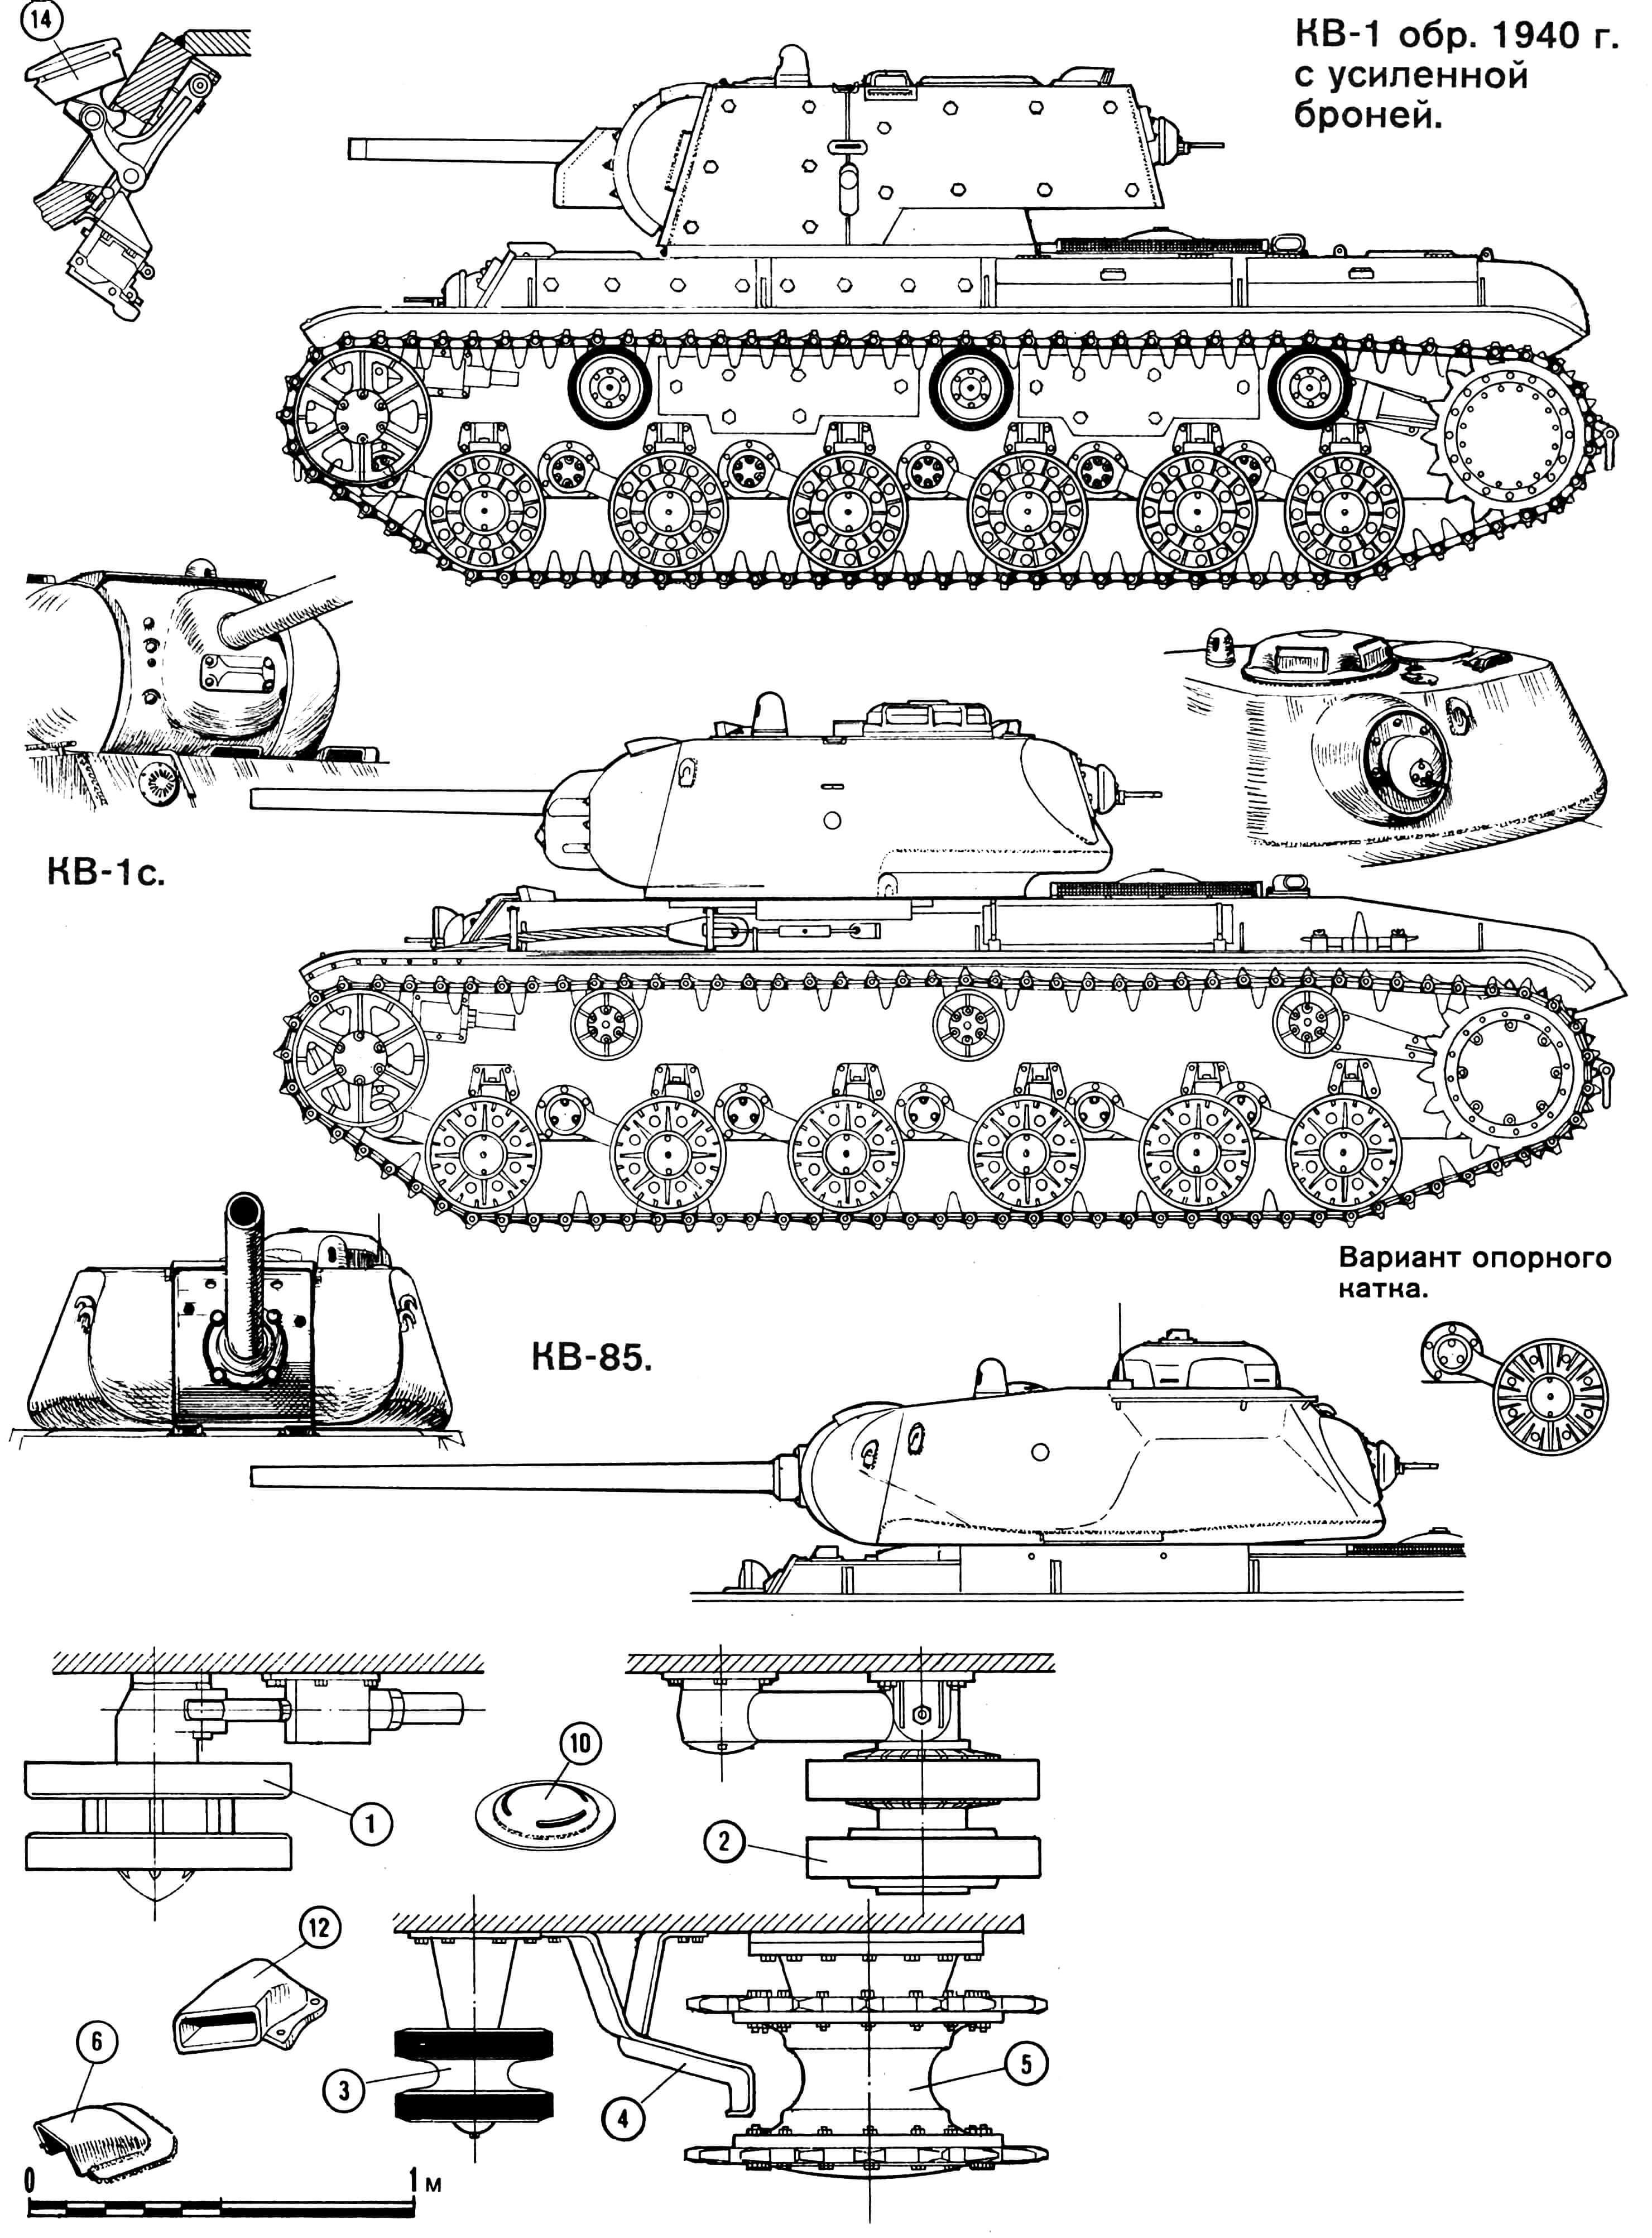 Тяжелый танк КВ-1: 1 — направляющее колесо, 2 — опорный каток, 3 — поддерживающий каток, 4 — очиститель, 5 — ведущее колесо, 6 — броневые колпаки приборов наблюдения, 7 — бронеколпак перископического прицела, 8 — пробка заливной горловины переднего топливного бака, 9 — посадочный люк стрелка-радиста, 10 — броневой колпак вентилятора, 11 — башенный люк, 12 — выхлопная труба, 13 — прибор наблюдения механика-водителя, 14 — крышка смотрового люка механика-водителя.